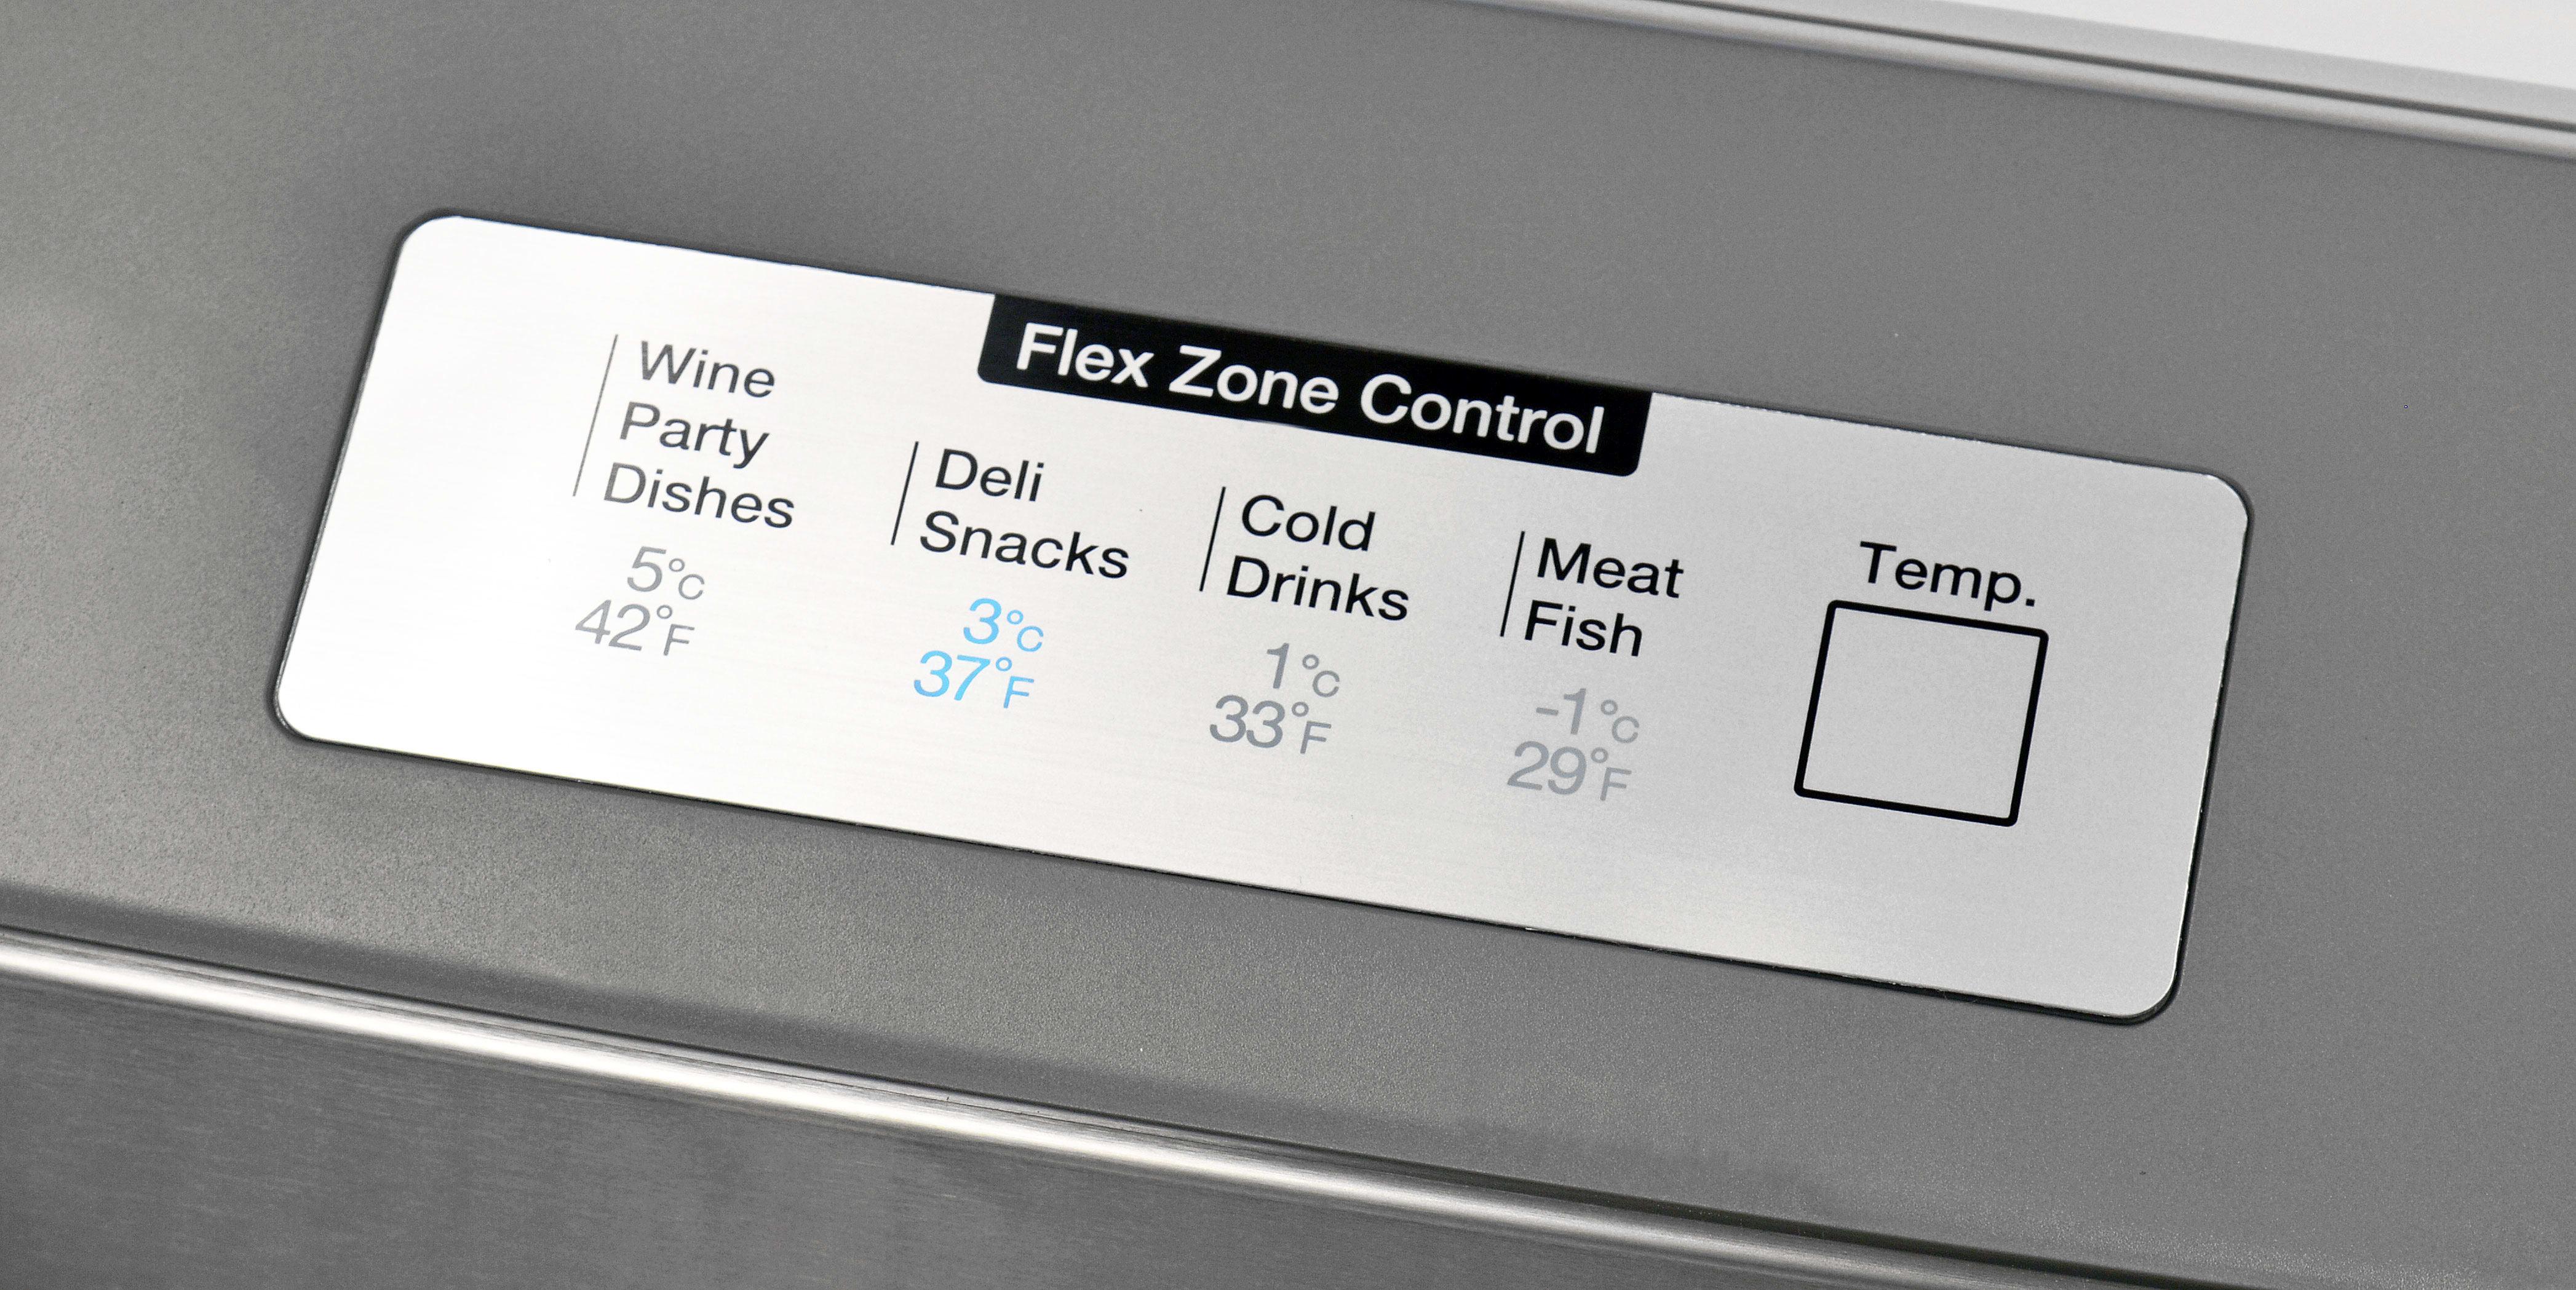 Samsung Rf28hmedbsr Refrigerator Review Reviewed Com